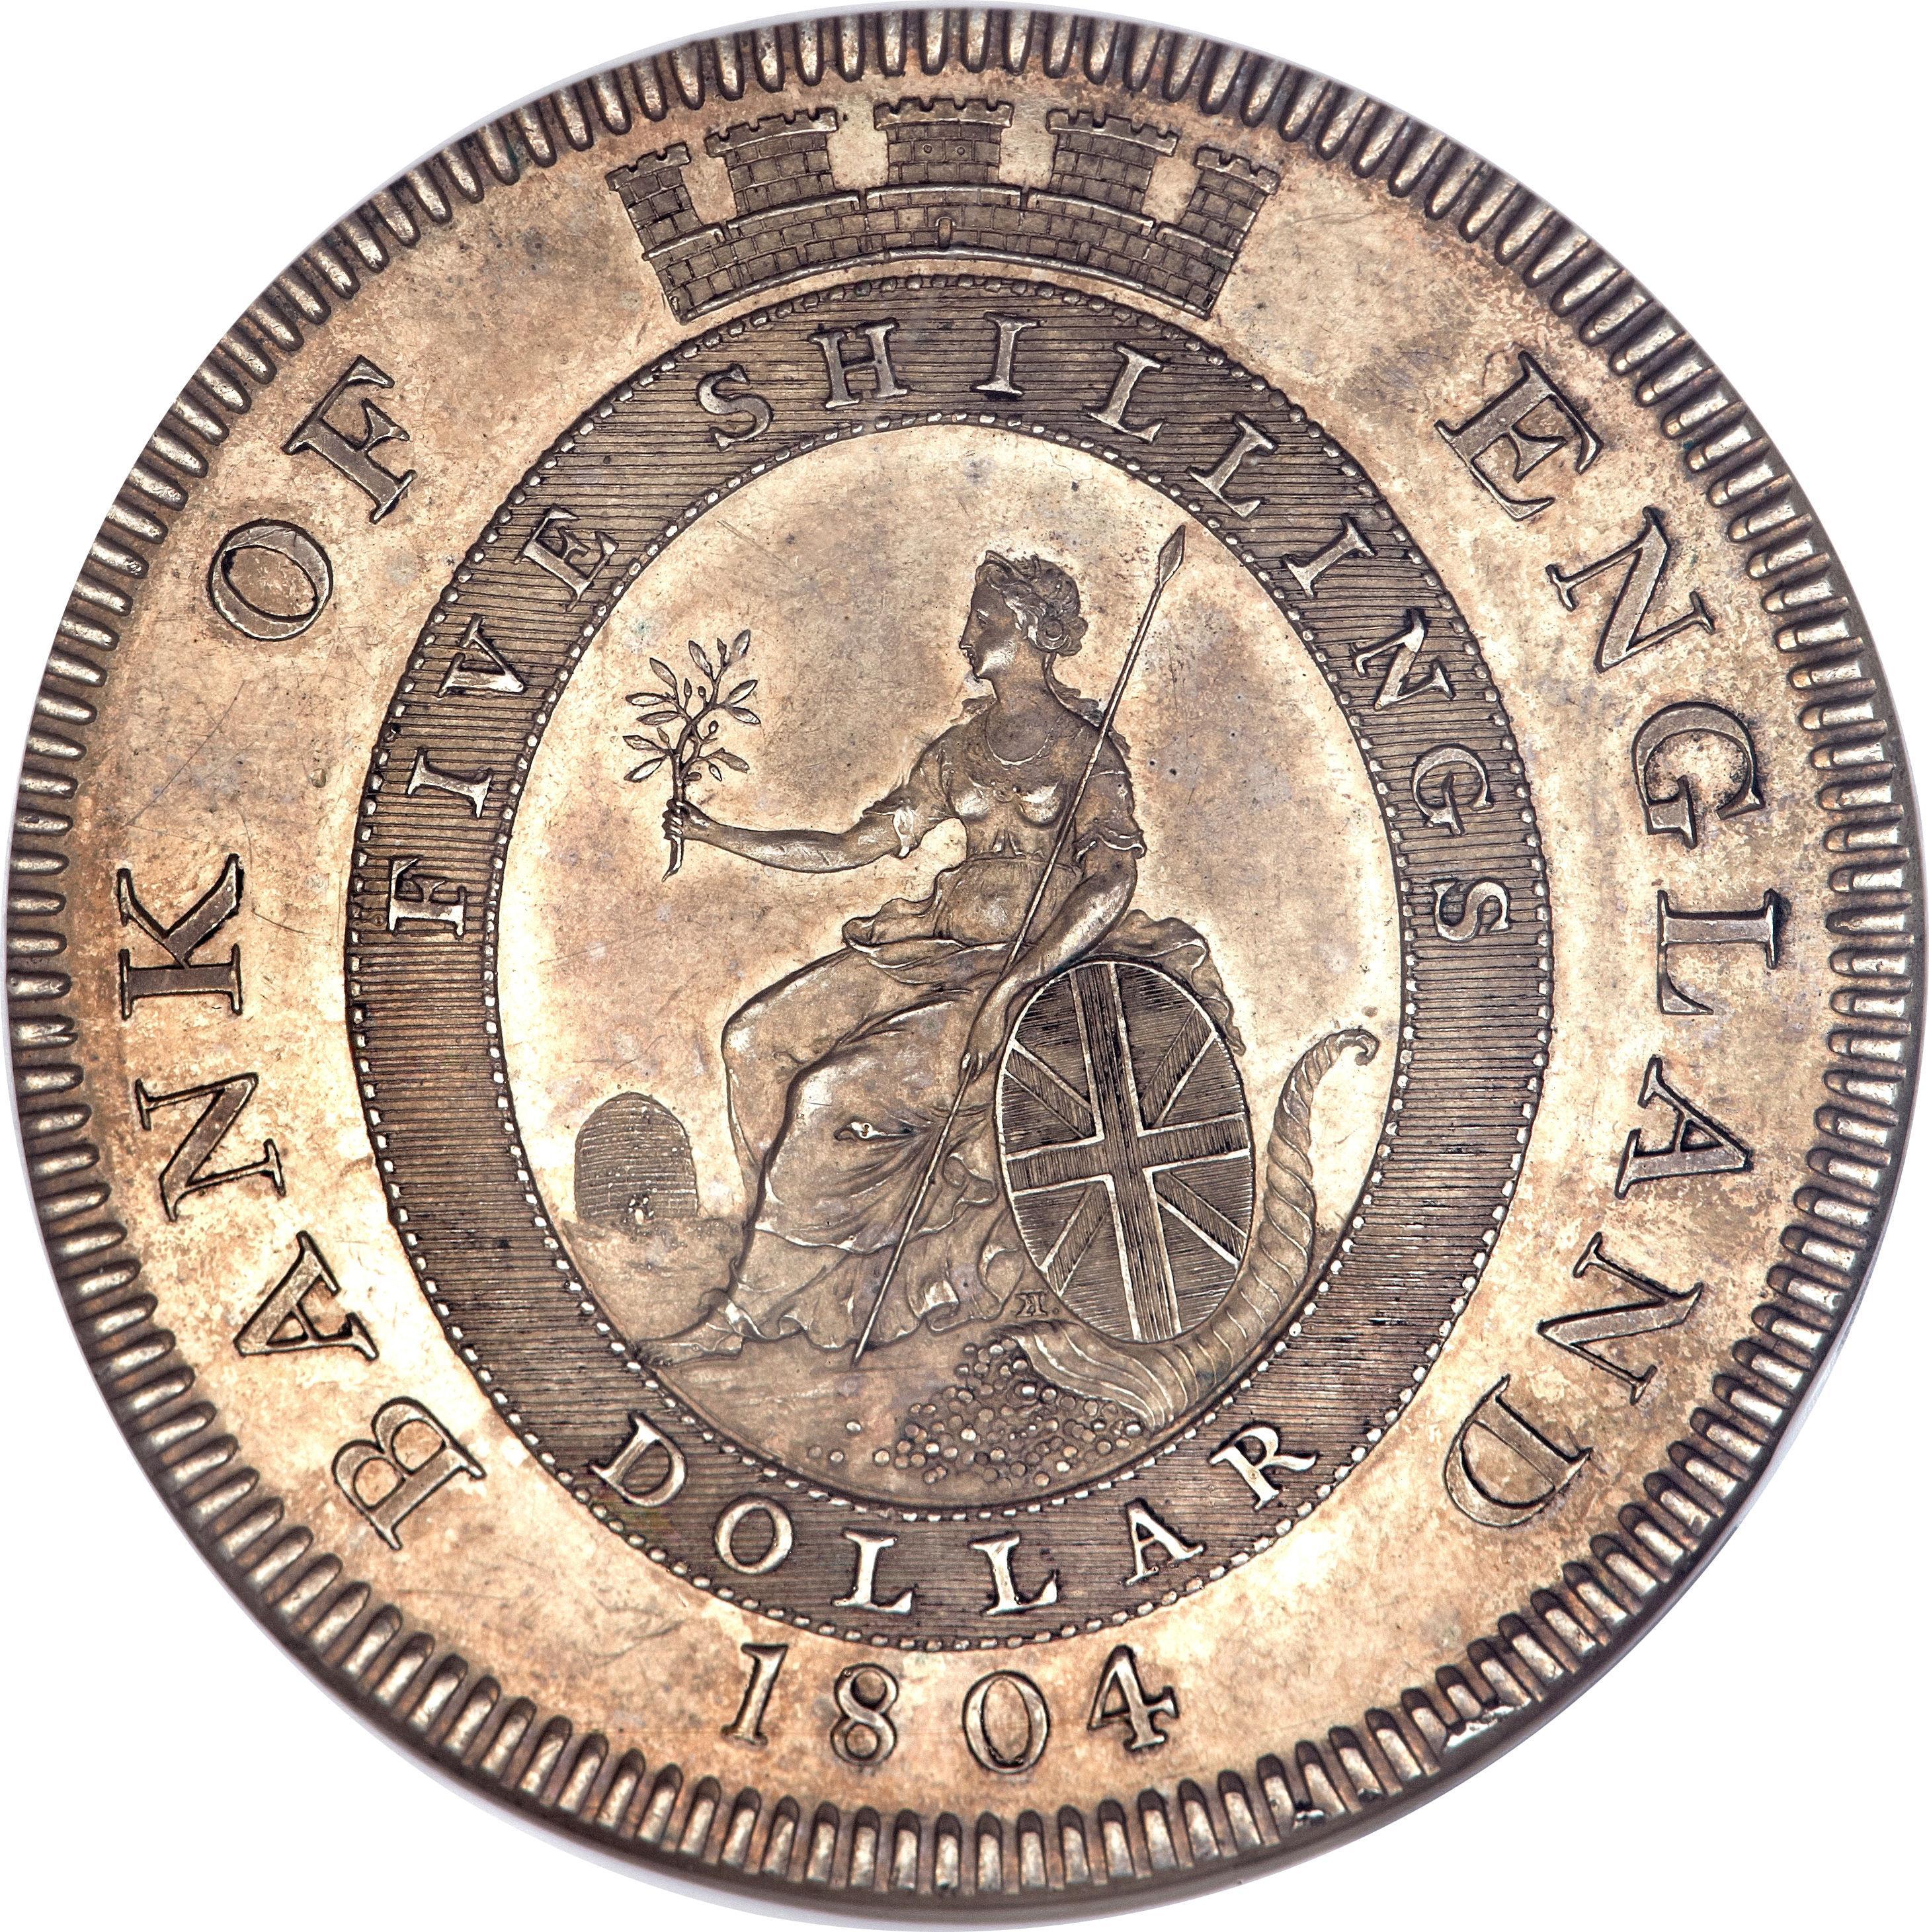 1 Dollar George Iii Bank Of England Token United